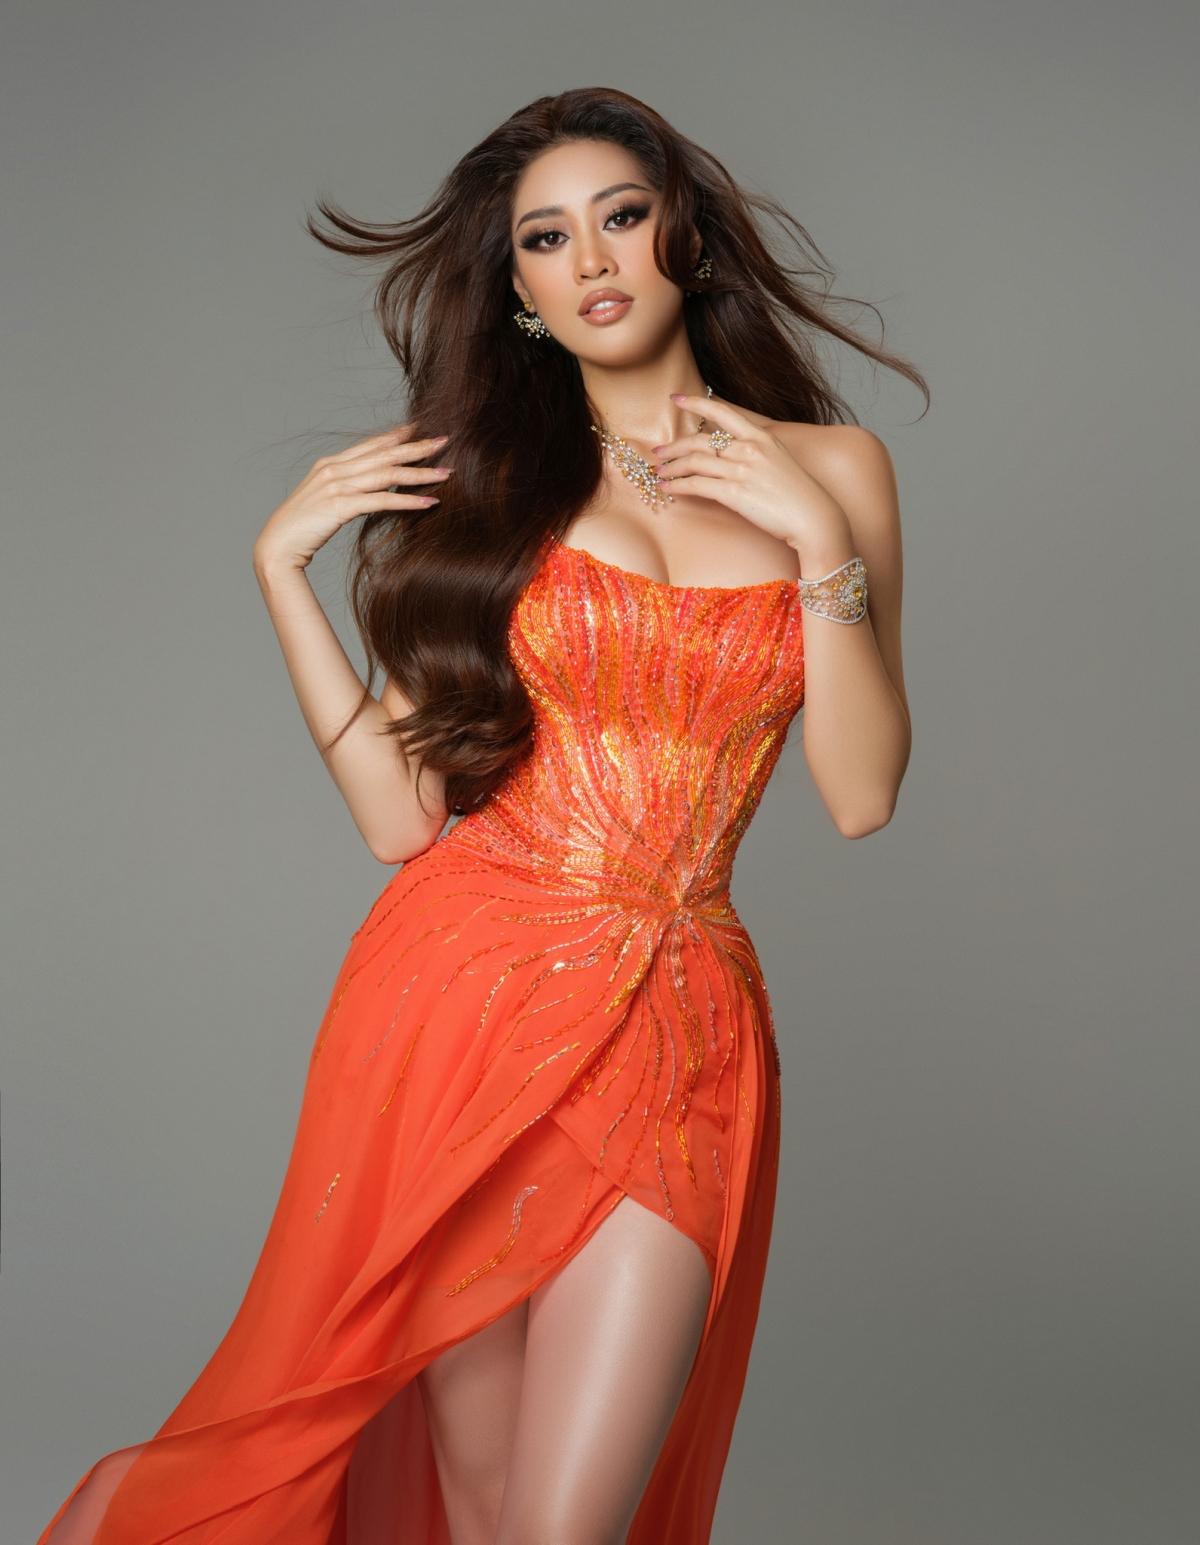 Được biết, đội ngũ chế tác gồm 20 người đã làm việc liên tục suốt 15 ngày đêm để hoàn thành xong bộ trang sức đặc biệt dành riêng cho phần trình diễn dạ hội của Hoa hậu Khánh Vân.